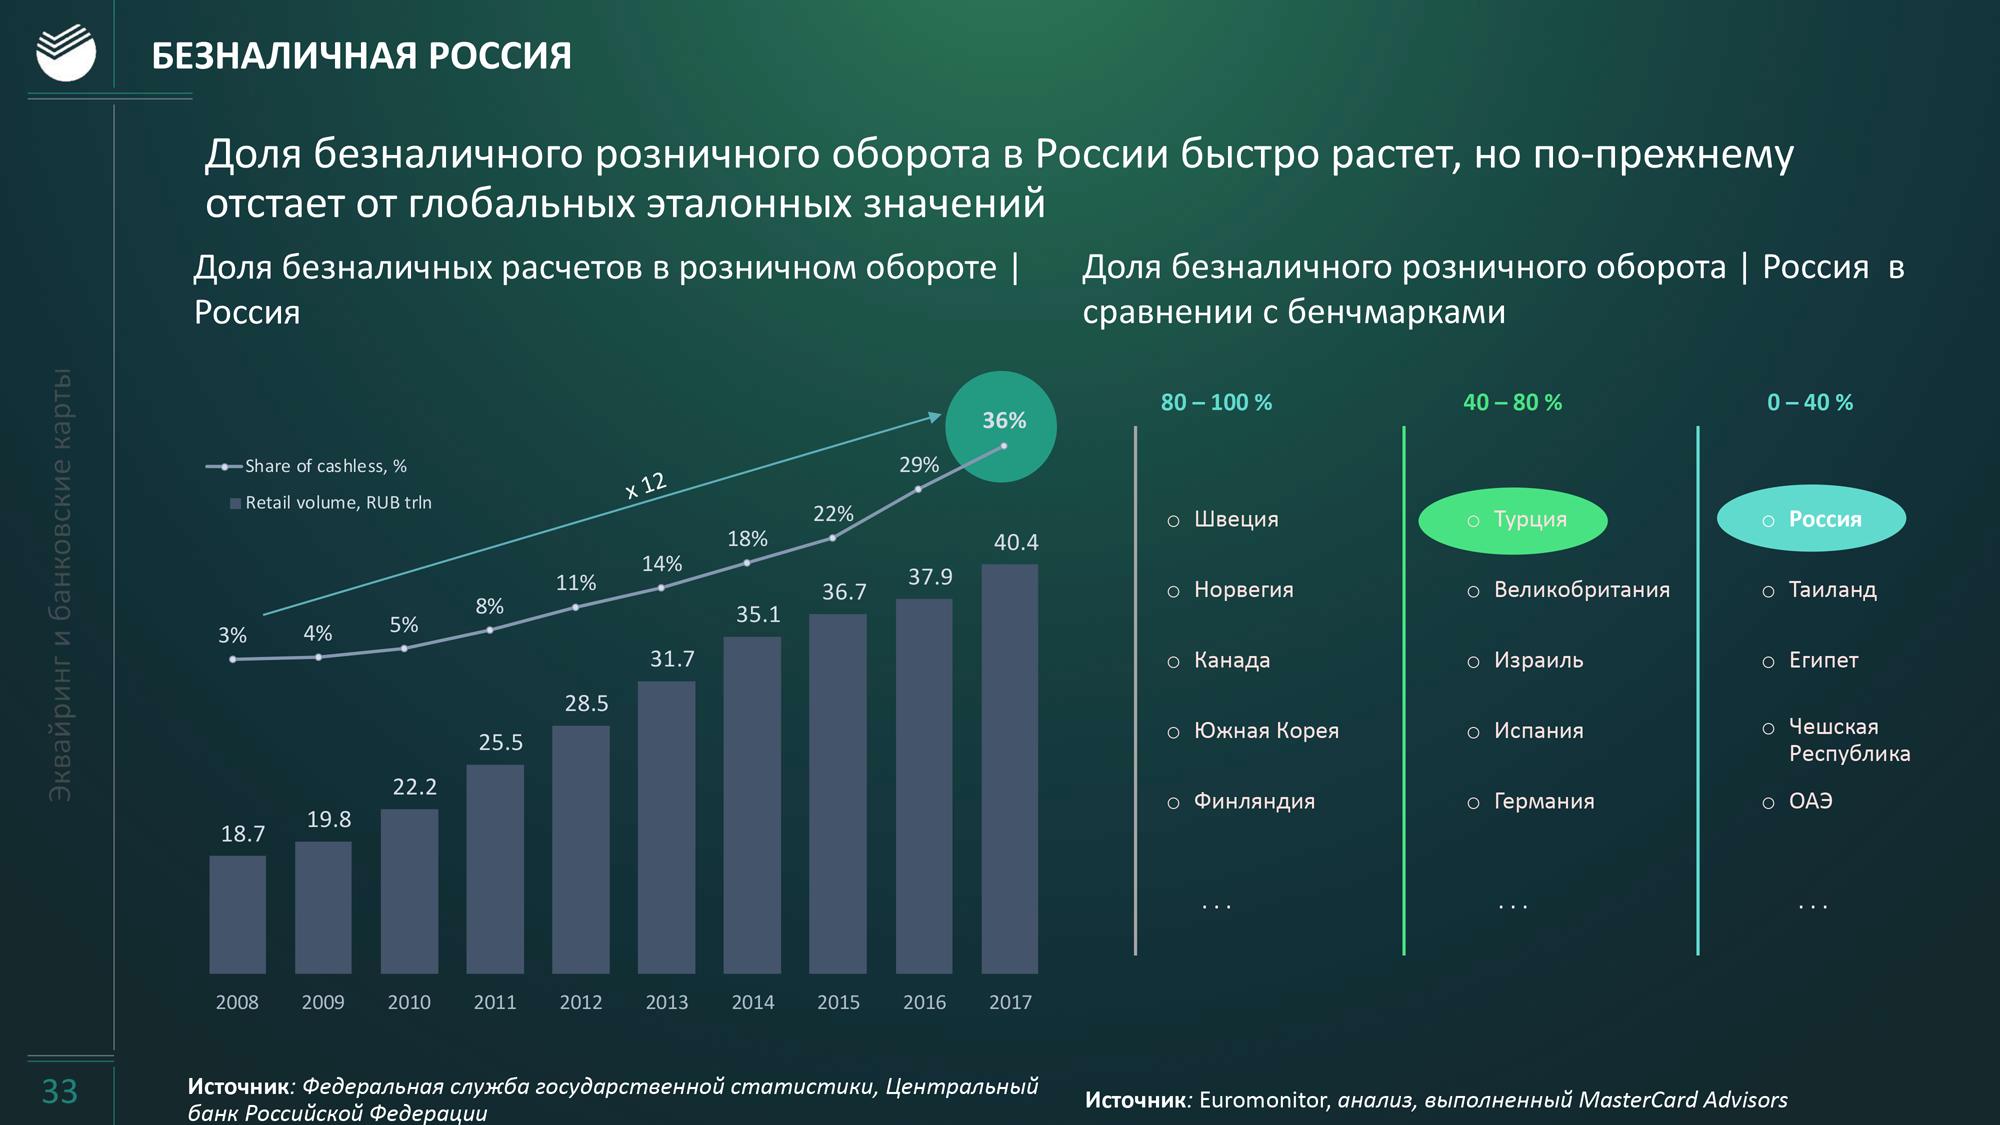 С точки зрения роста безналичных расчетов Россия похожа на Турцию. В Турции 62—63% безналичных расчетов от всех покупок